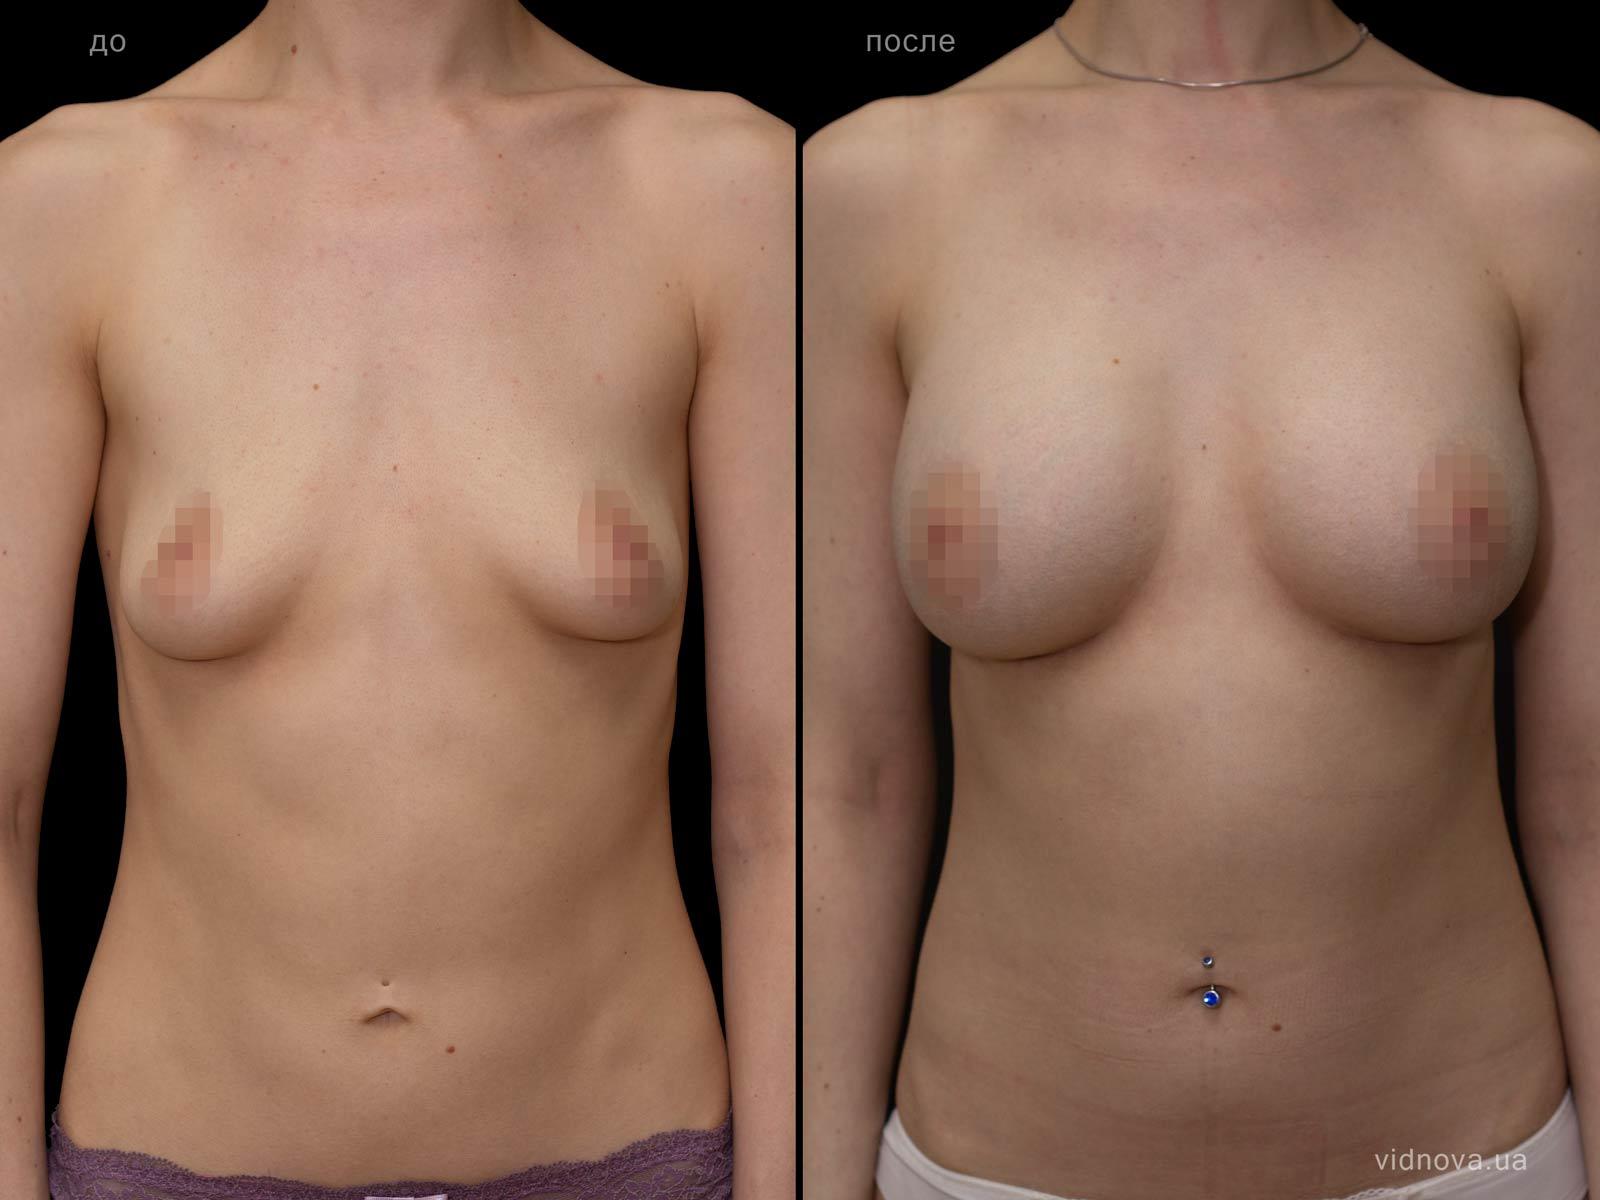 Пластика груди: результаты до и после - Пример №95-0 - Светлана Работенко